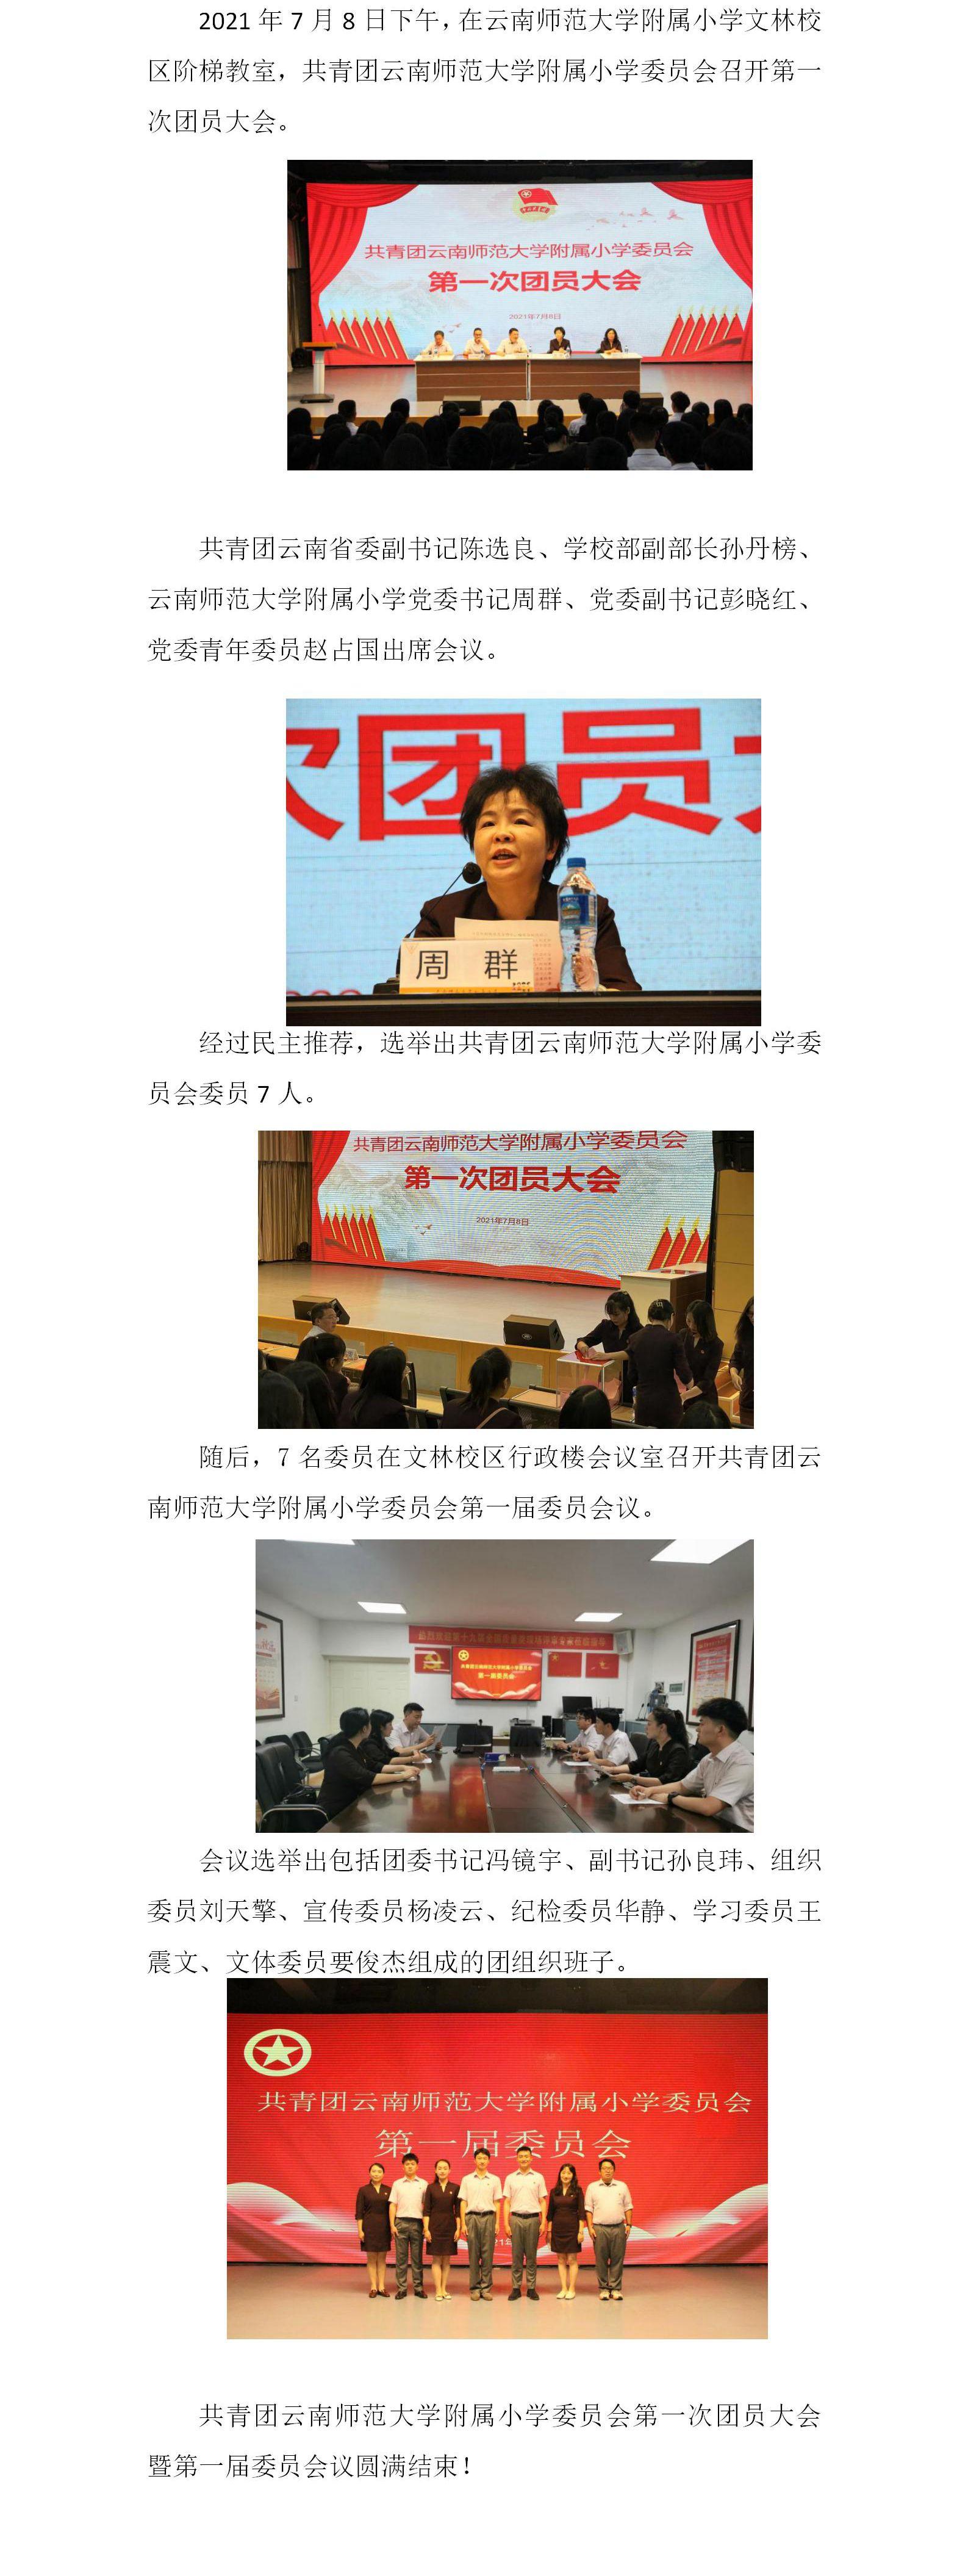 共青团云南师范大学附属小学委员会召开第一次团员大会暨第一届委员会议.jpg